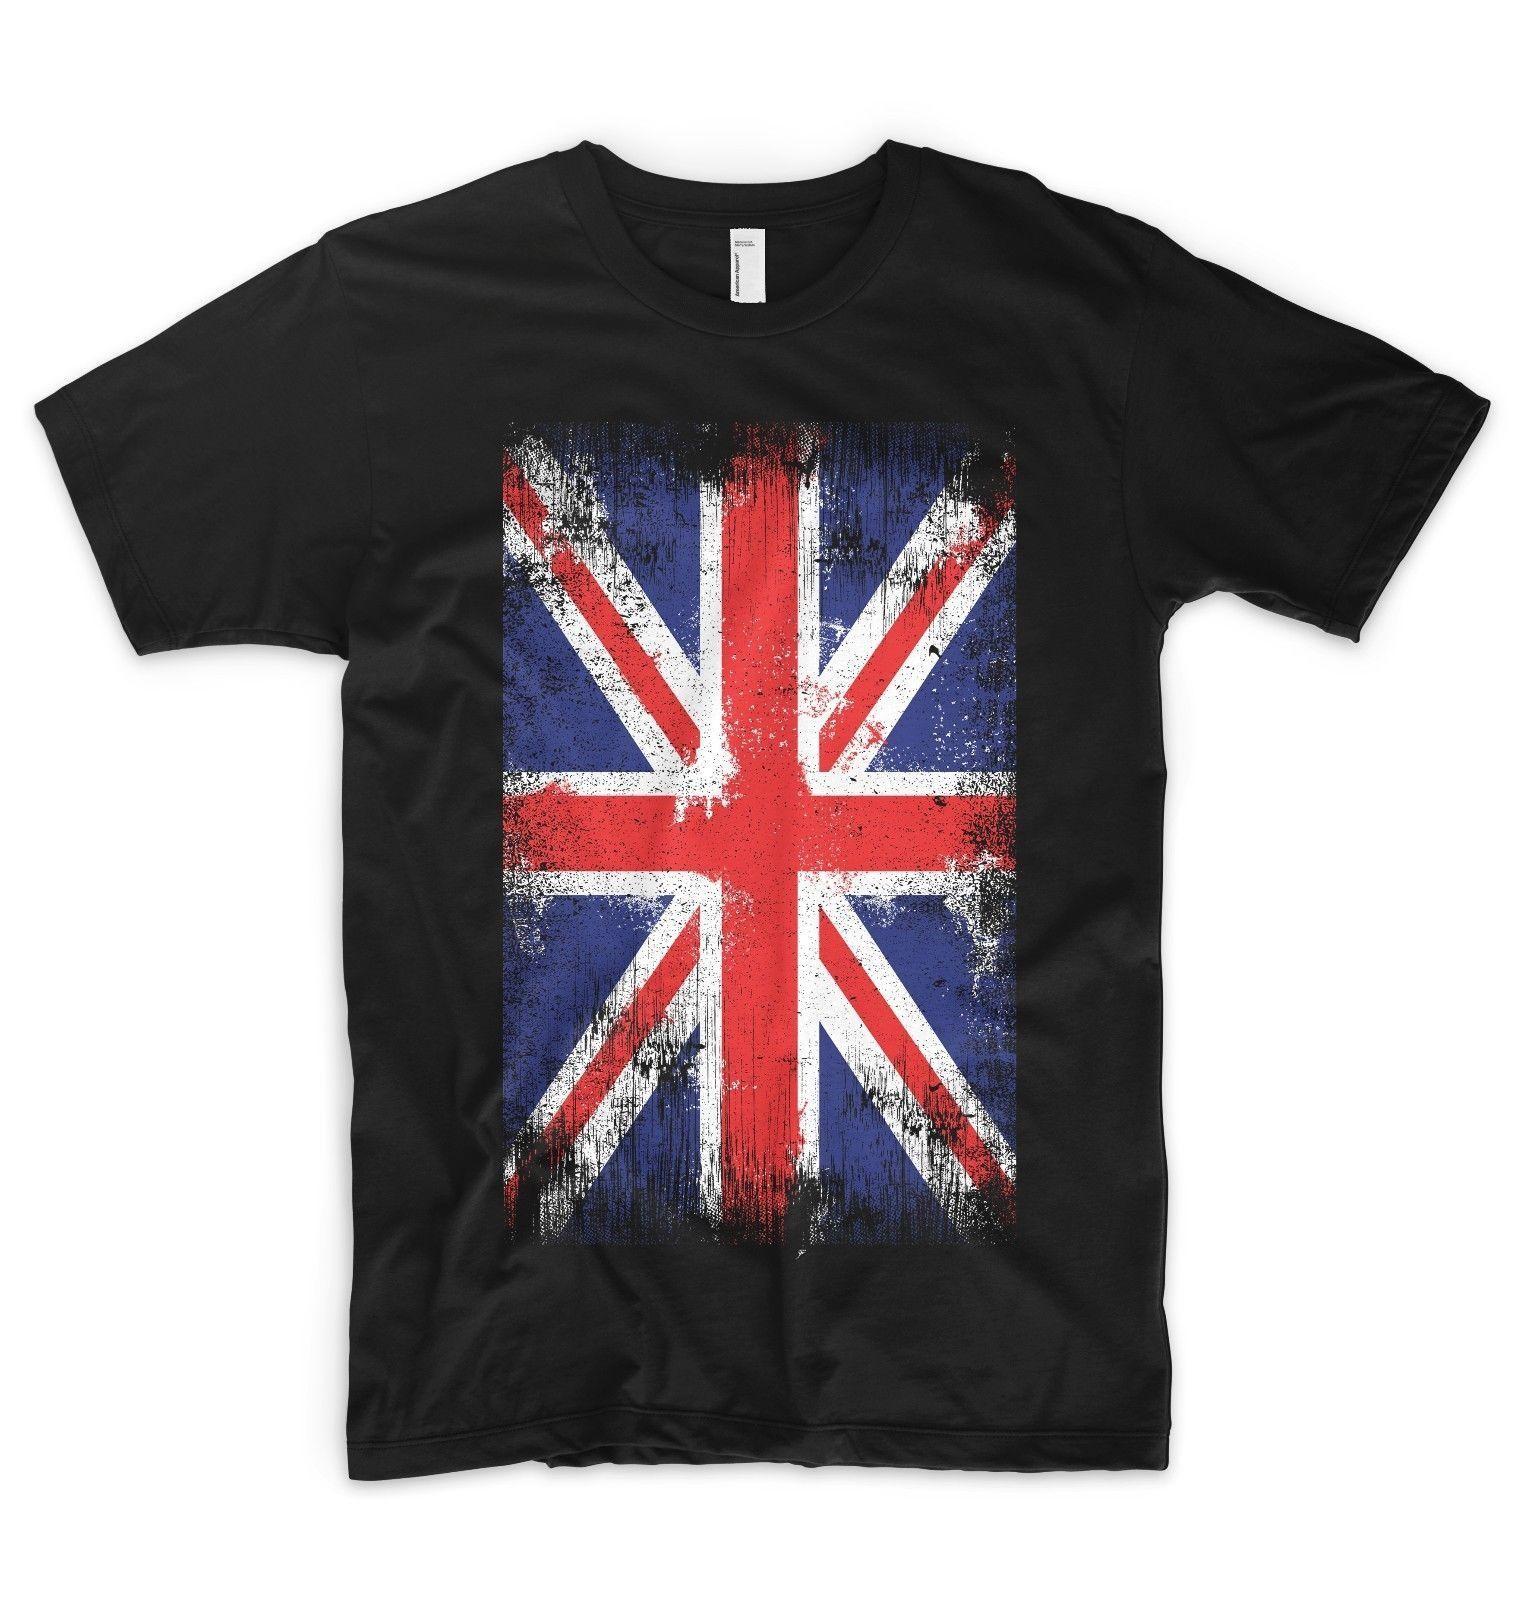 Union Jack T Shirt Reino Unido Bandeira Brit¢nica Gr£ Bretanha Reino Unido Inglaterra Londres